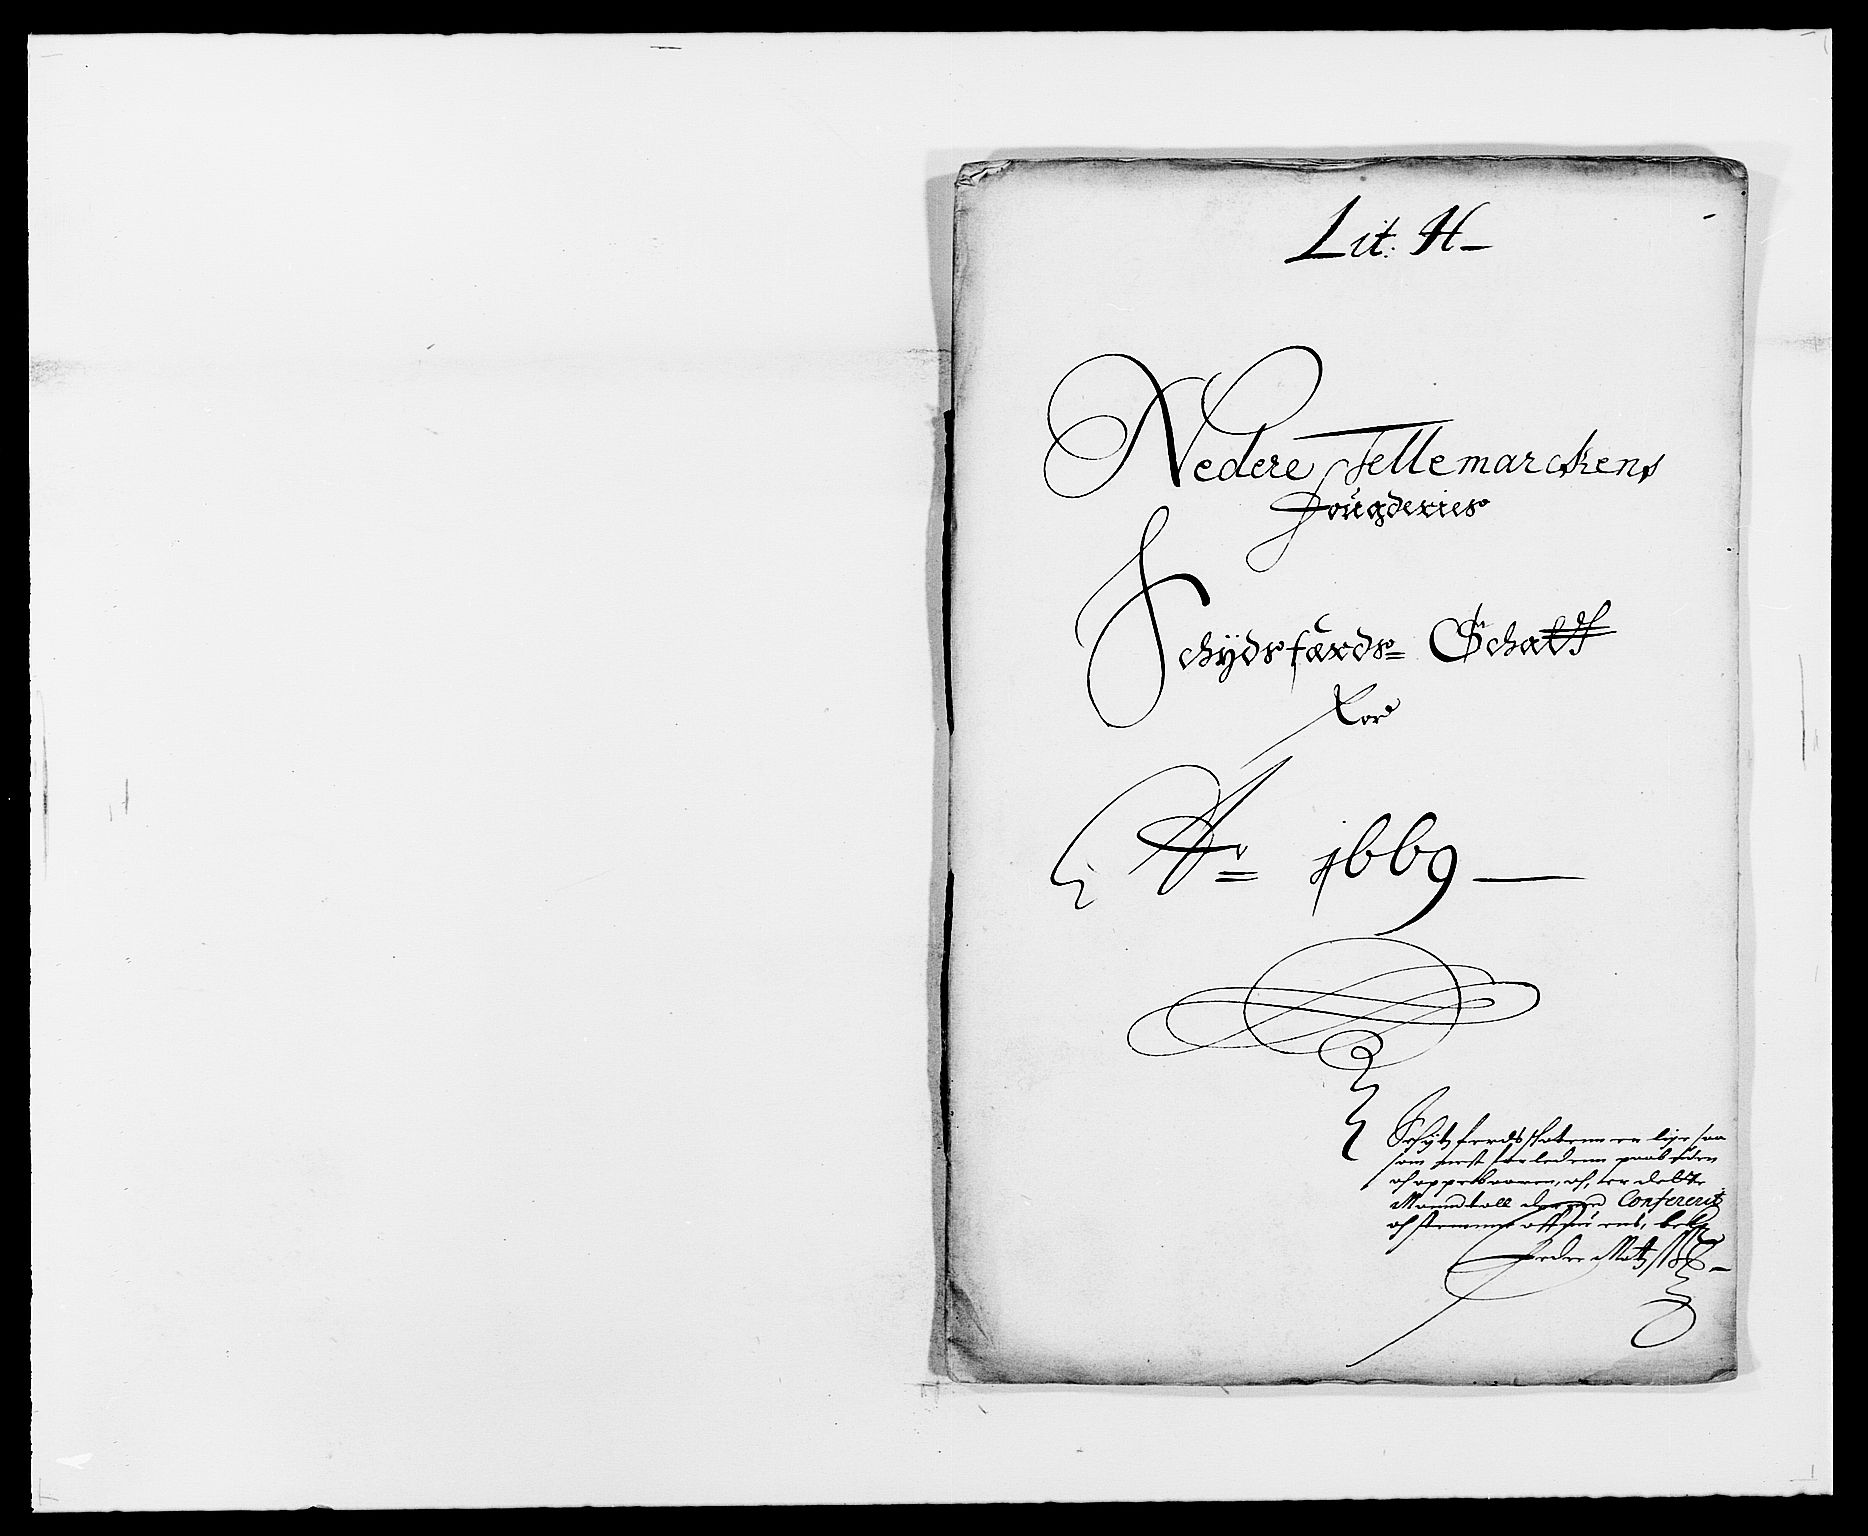 RA, Rentekammeret inntil 1814, Reviderte regnskaper, Fogderegnskap, R35/L2058: Fogderegnskap Øvre og Nedre Telemark, 1668-1670, s. 156